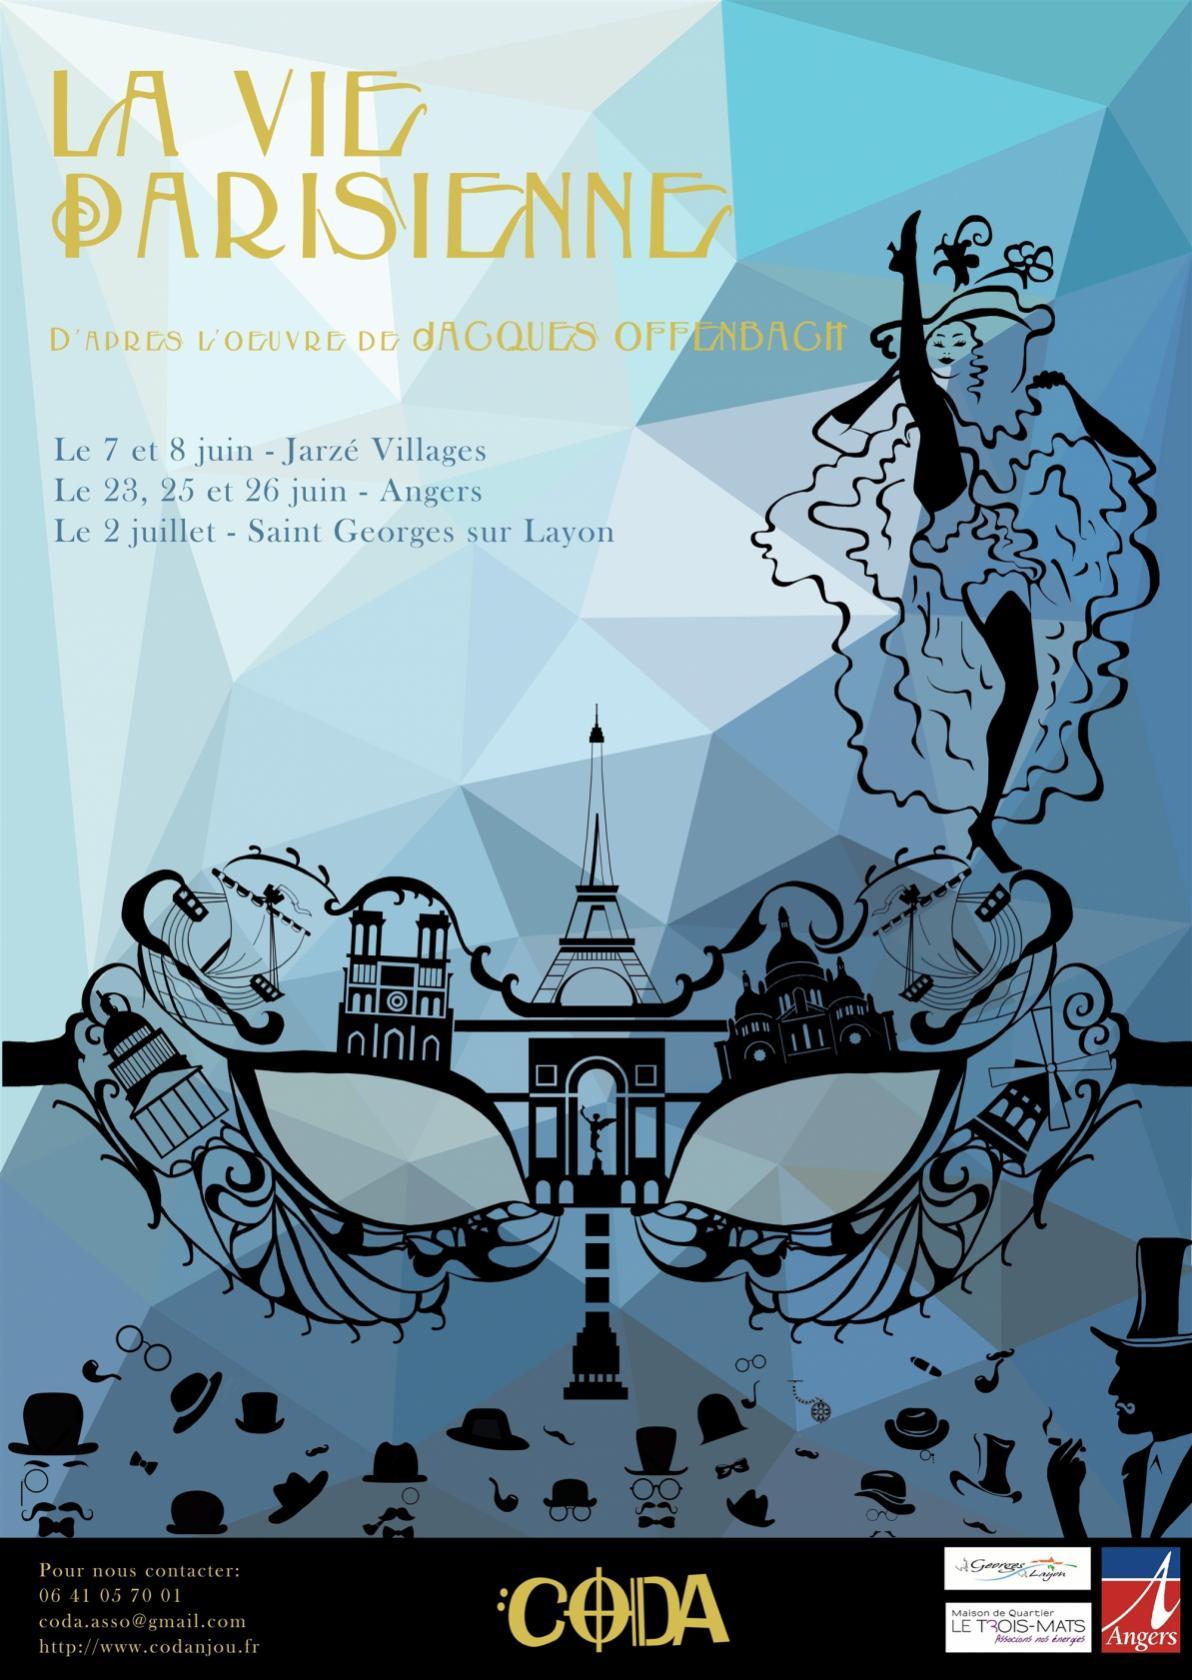 La Vie Parisienne de J. Offenbach Angers